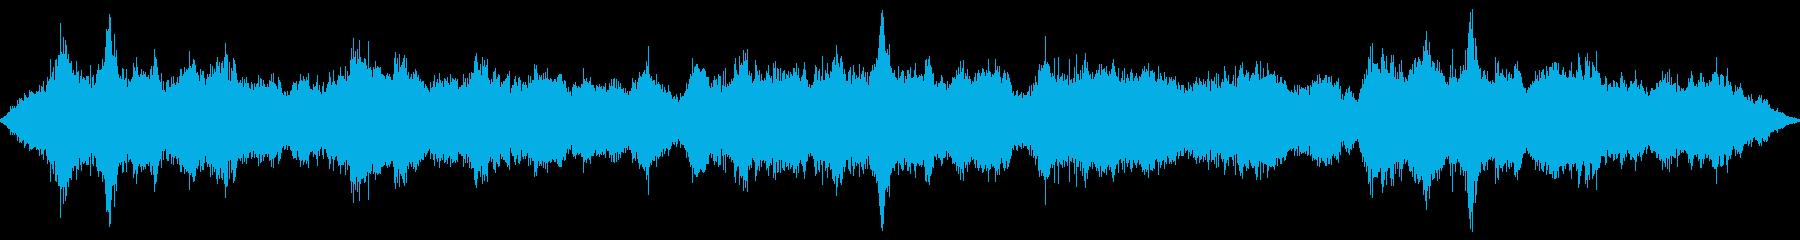 旋回空間風、SCI FIマジック、...の再生済みの波形